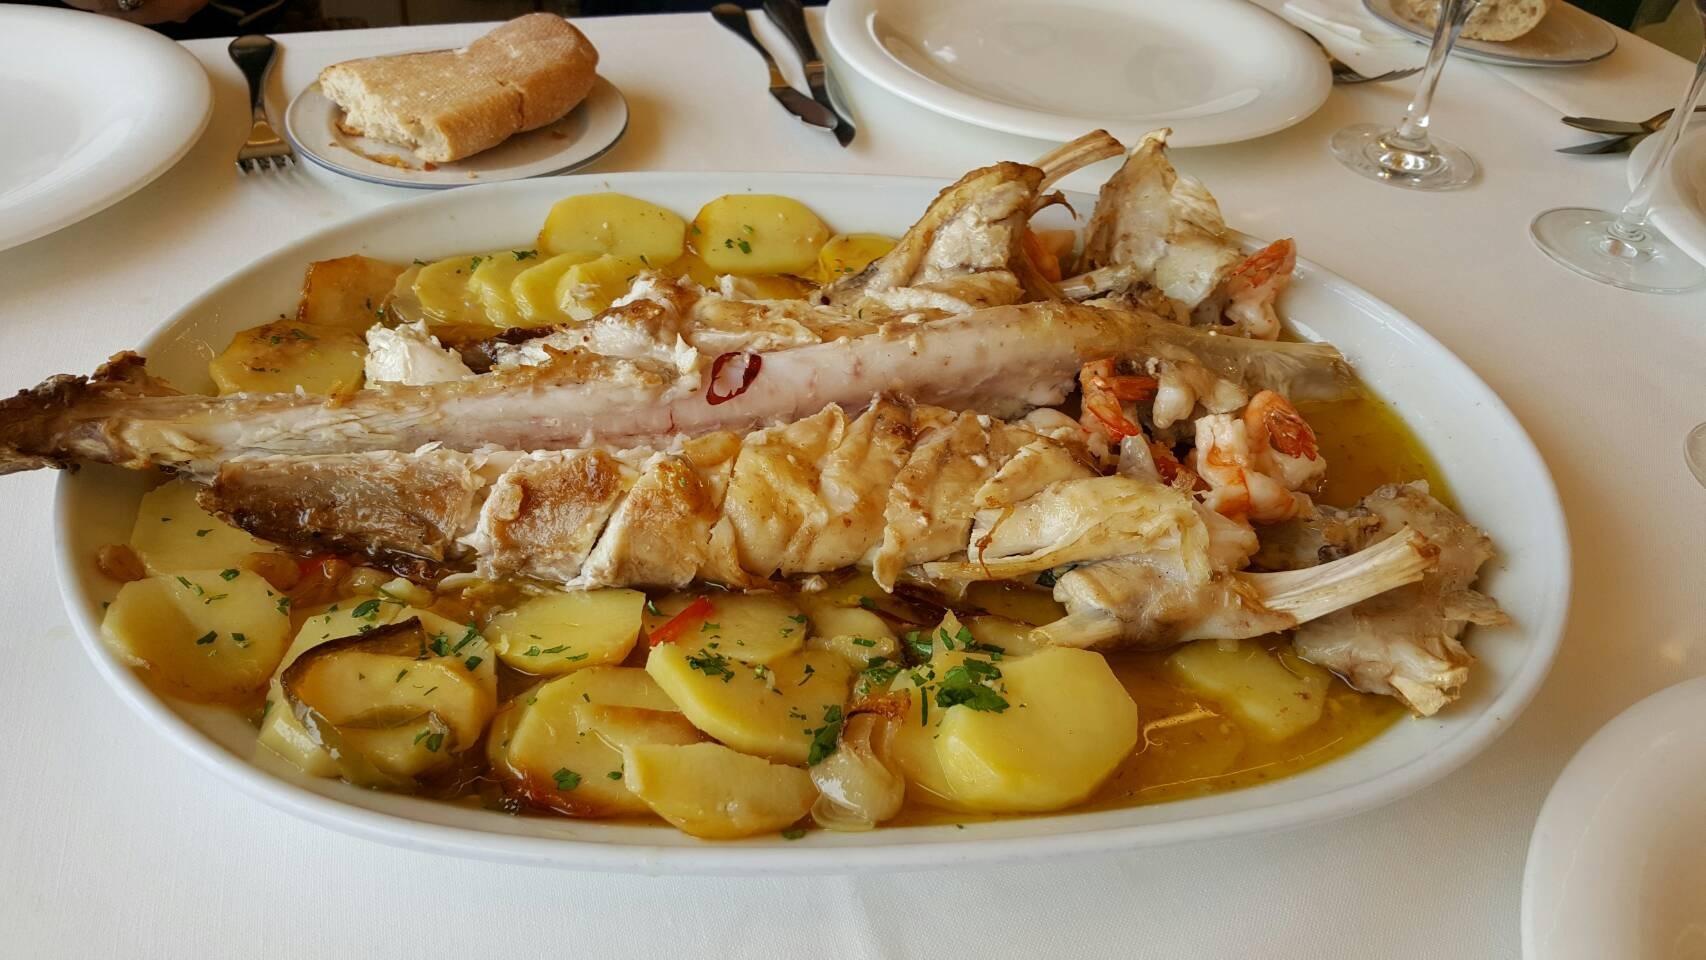 2017年GW スペインバスク地方、ワイナリーと バル巡りの旅 その4 ビルバオを一望できるレストランで_a0223786_13324048.jpg